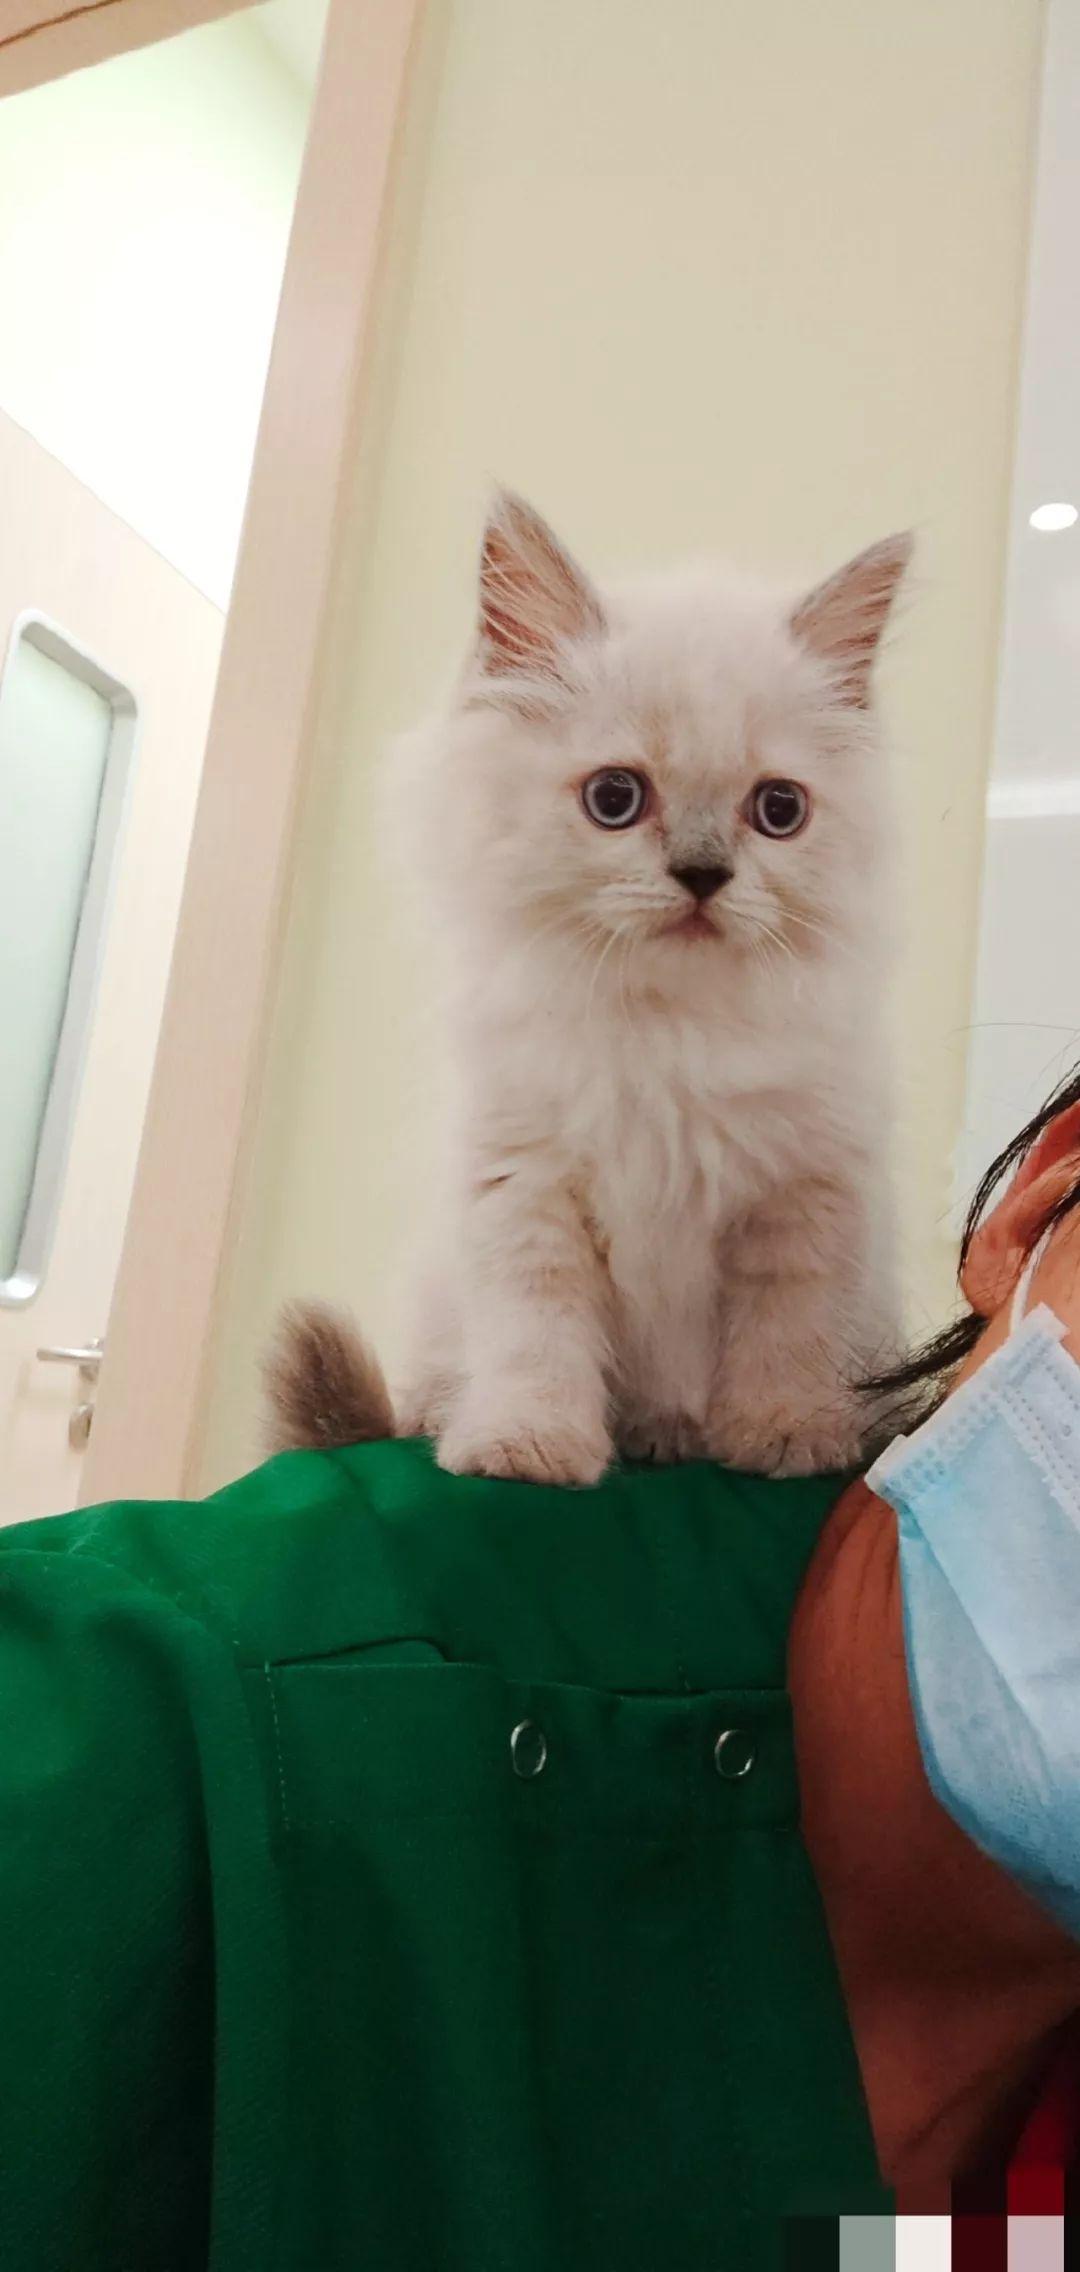 我的患者不会说话,还偶然在诊室里随意大小便